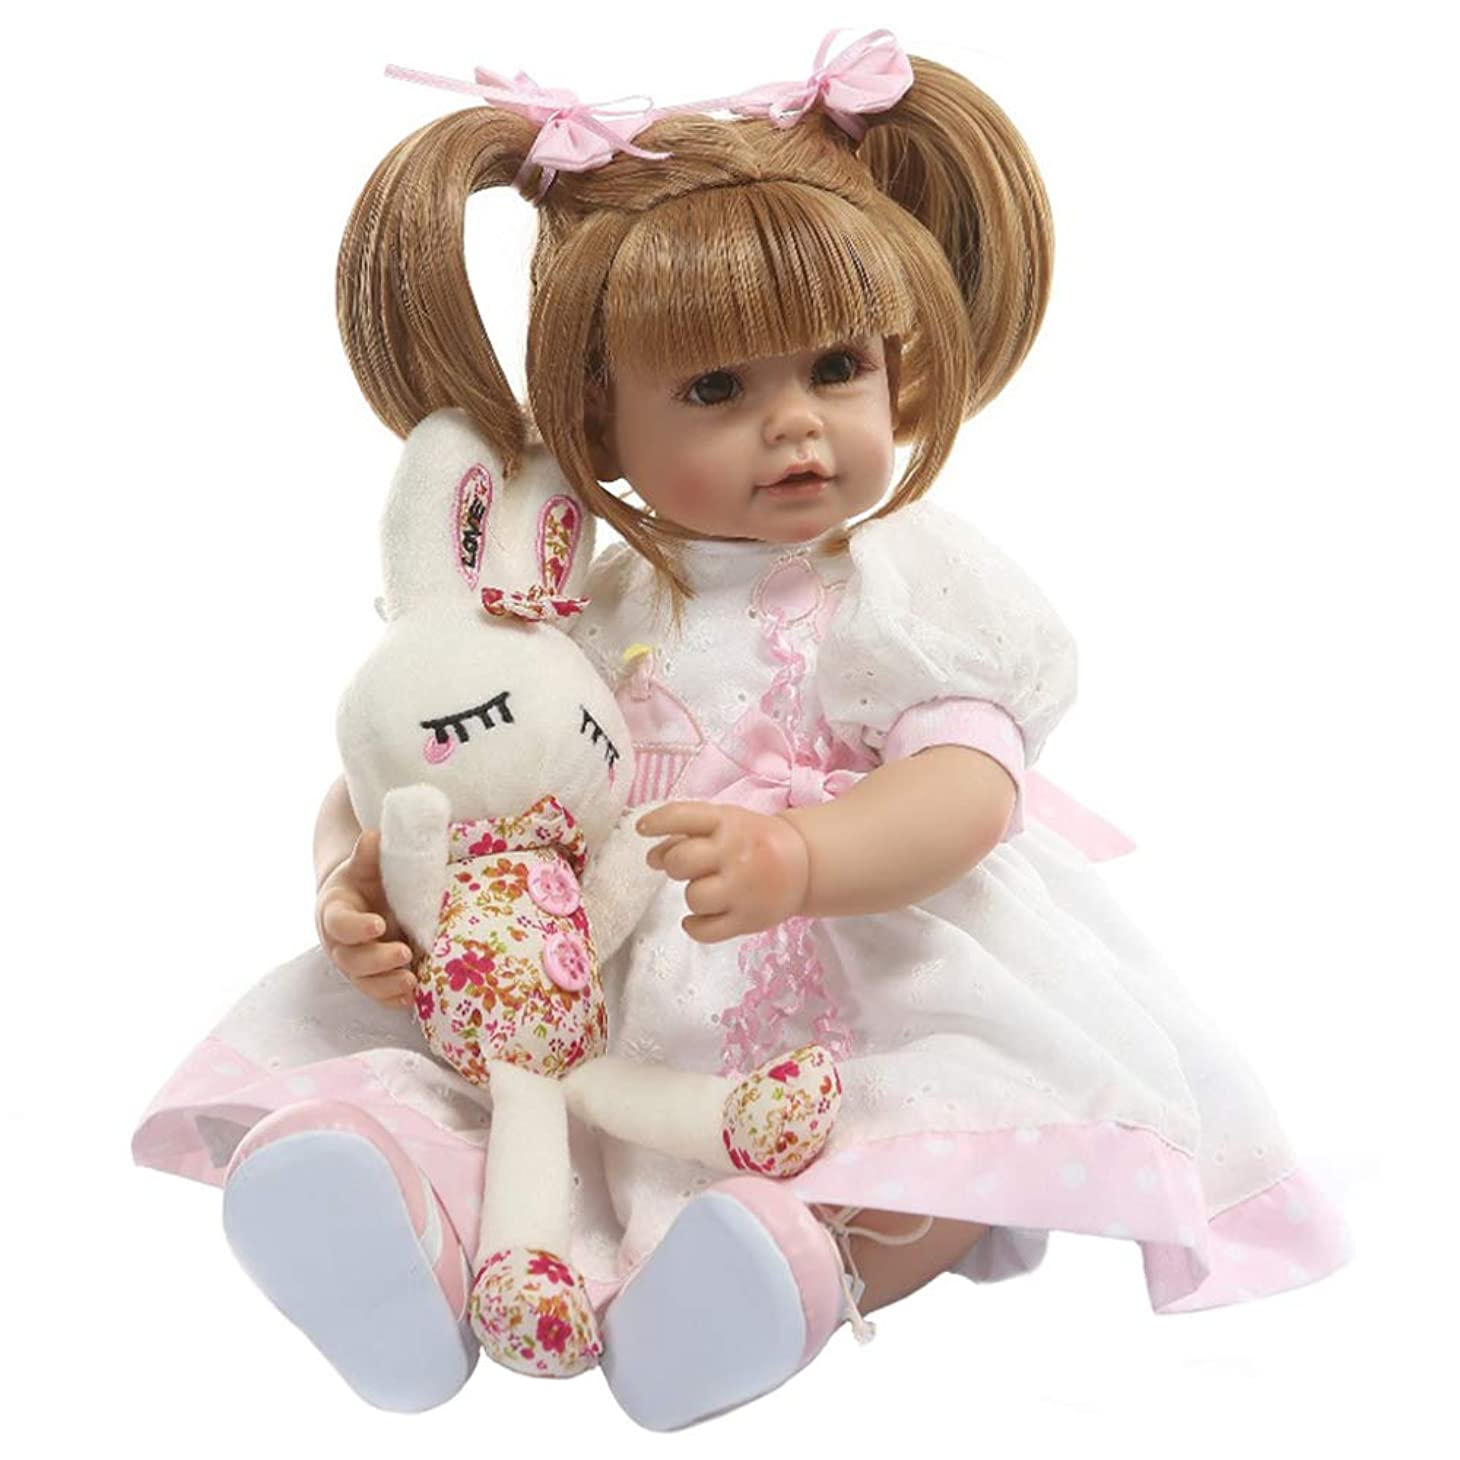 役に立つ経過複雑52cmリボーン人形ソフトリアルタッチシリコン幼児ベビードールキッズバースデークリスマスギフト人気